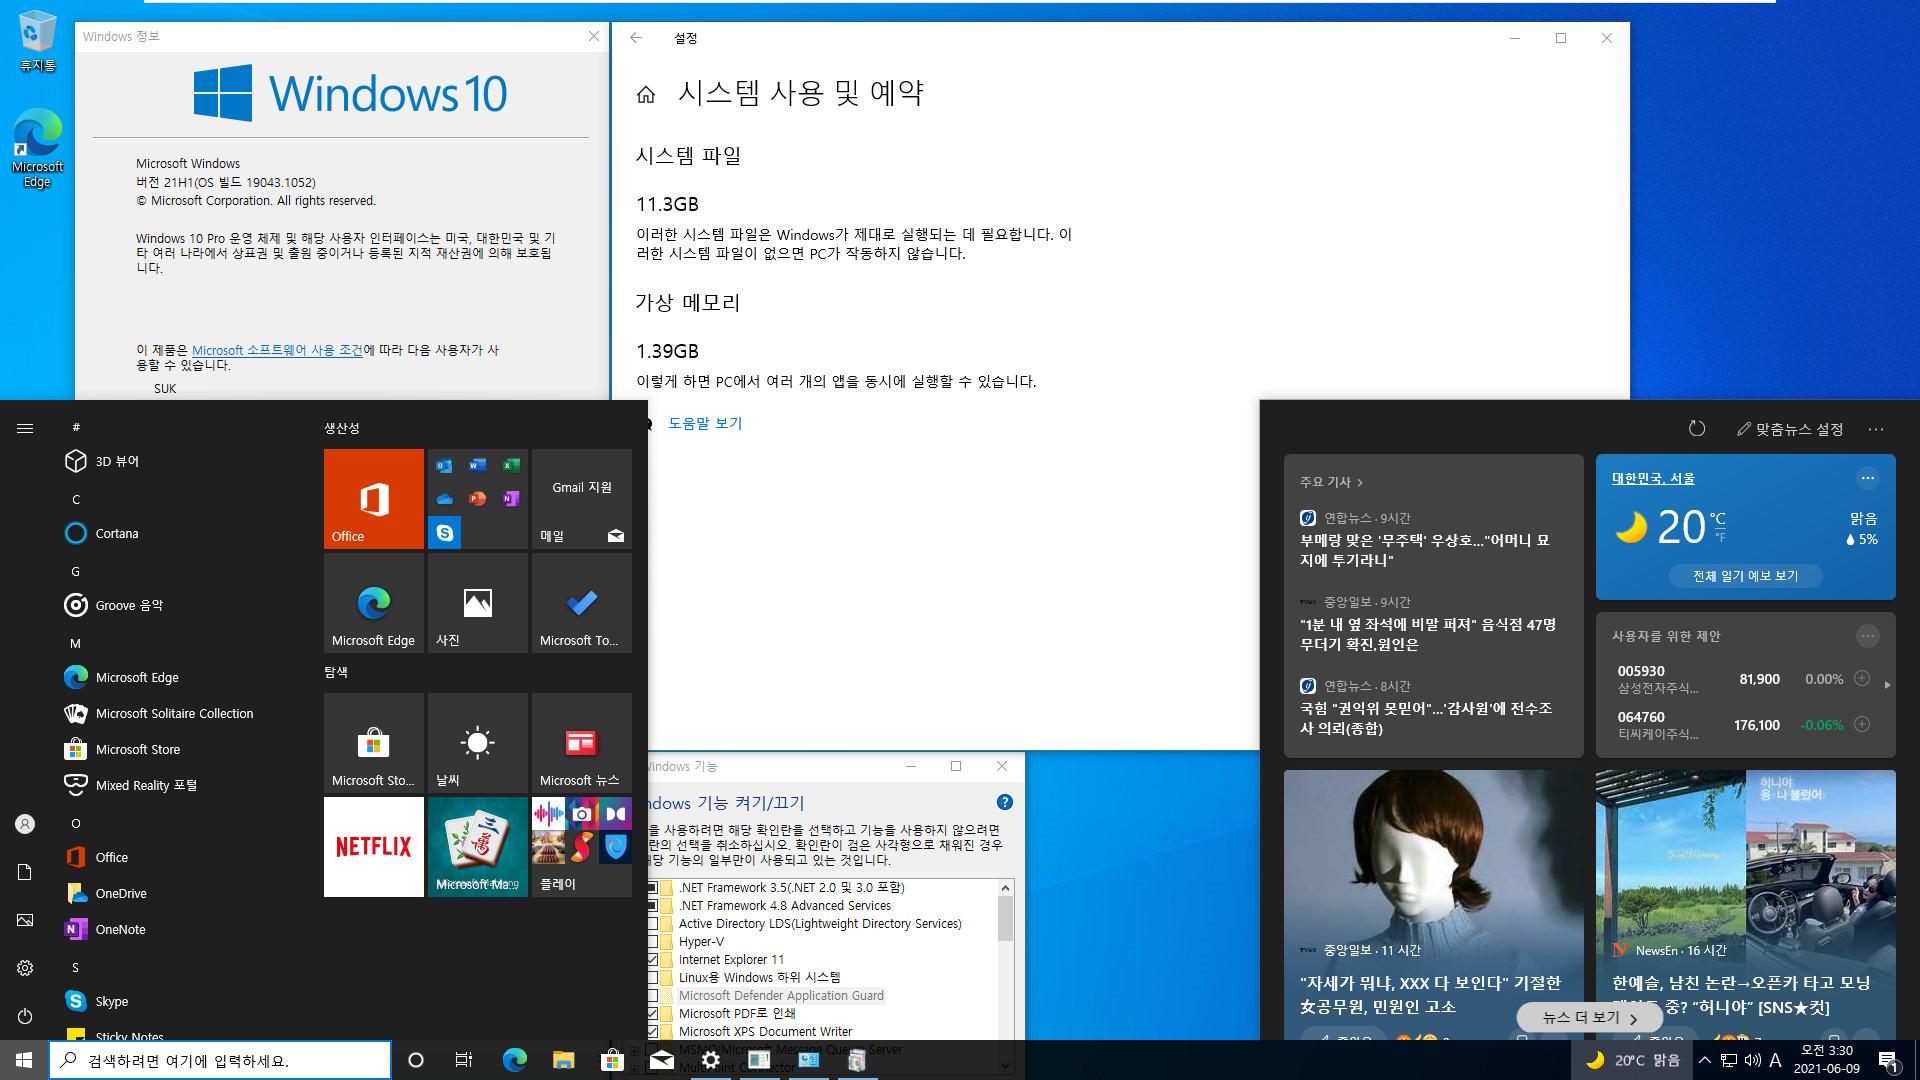 2021-06-09 수요일 정기 업데이트 - PRO x64 3개 버전 통합 - Windows 10 버전 2004, 빌드 19041.1052 + 버전 20H2, 빌드 19042.1052 + 버전 21H1, 빌드 19043.1052 - 공용 누적 업데이트 KB5003637 - 2021-06-09_033034.jpg